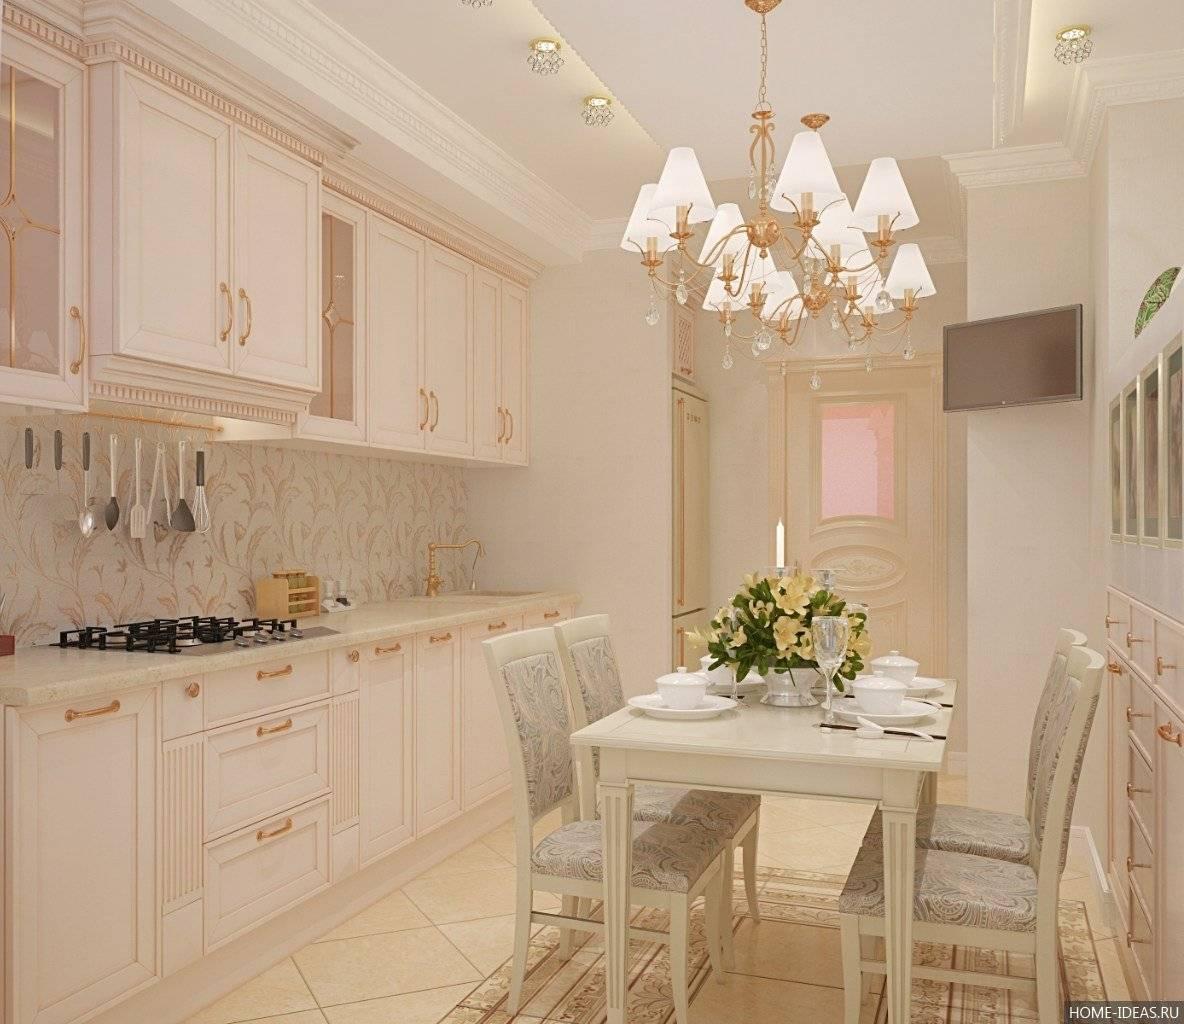 блин, хочу дизайн кухни в бежевых тонах фото день строителя красивыми